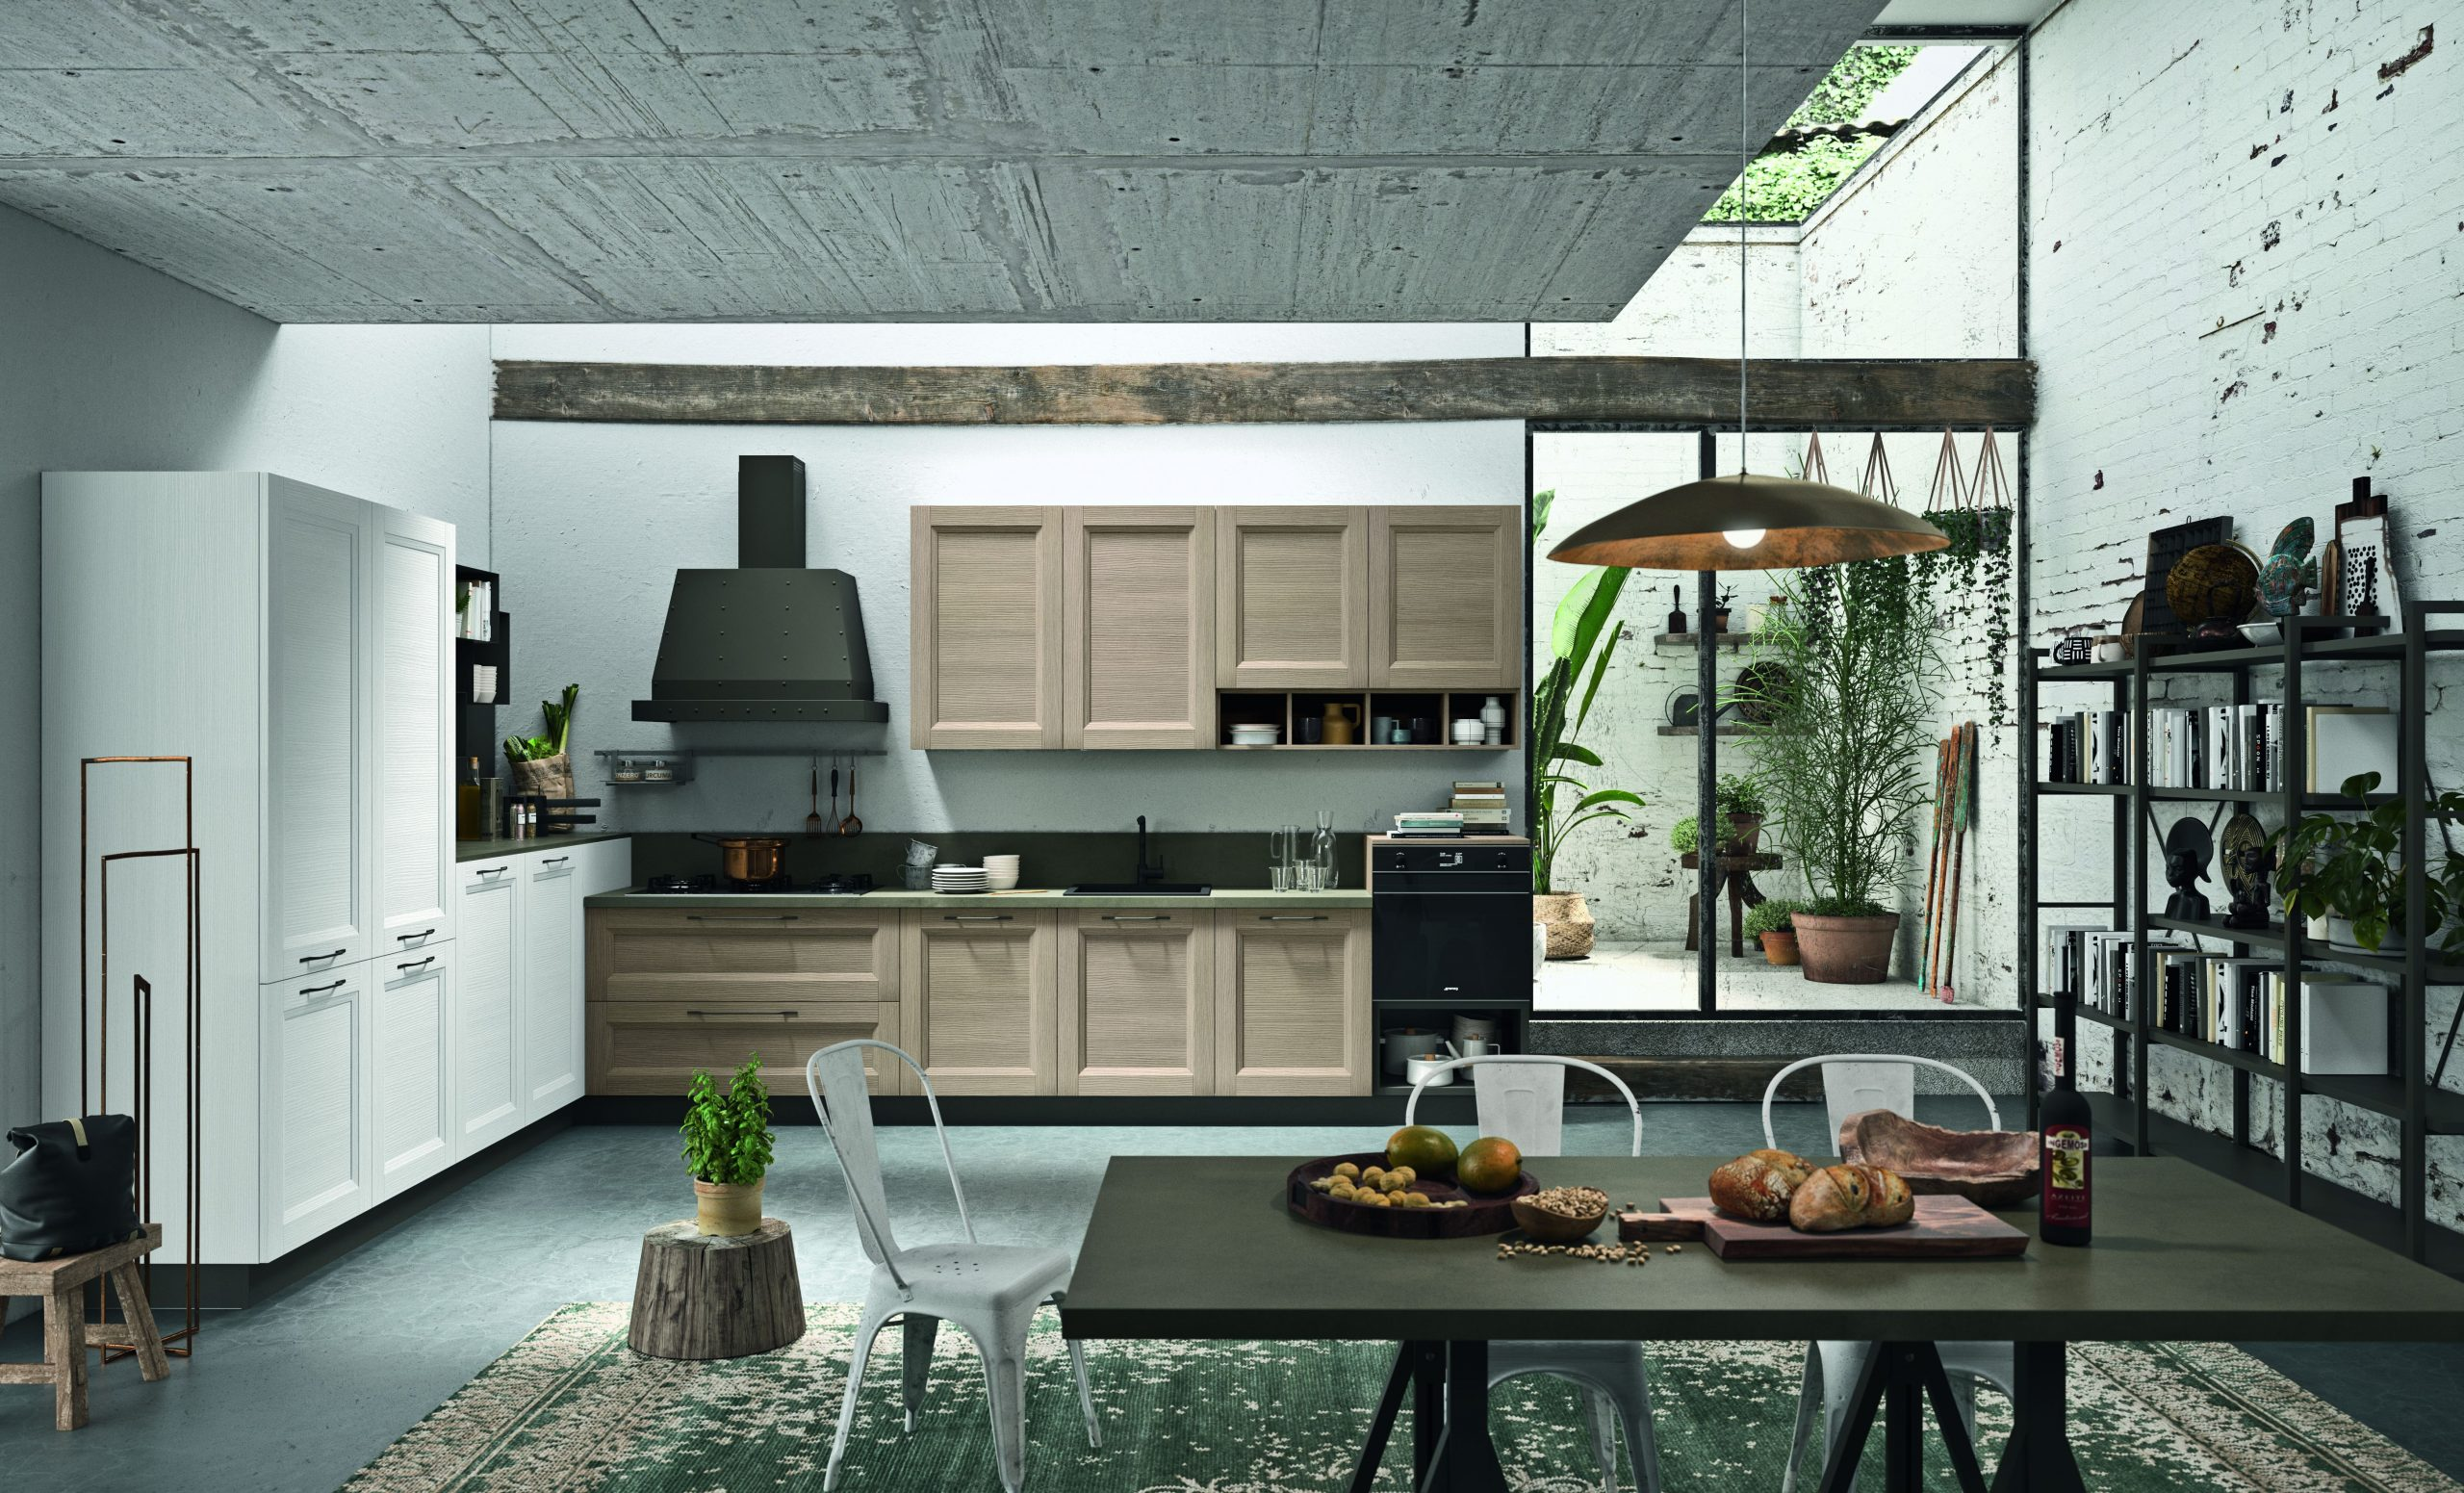 Elementi delle cucine in stile industriale che le caratterizzano